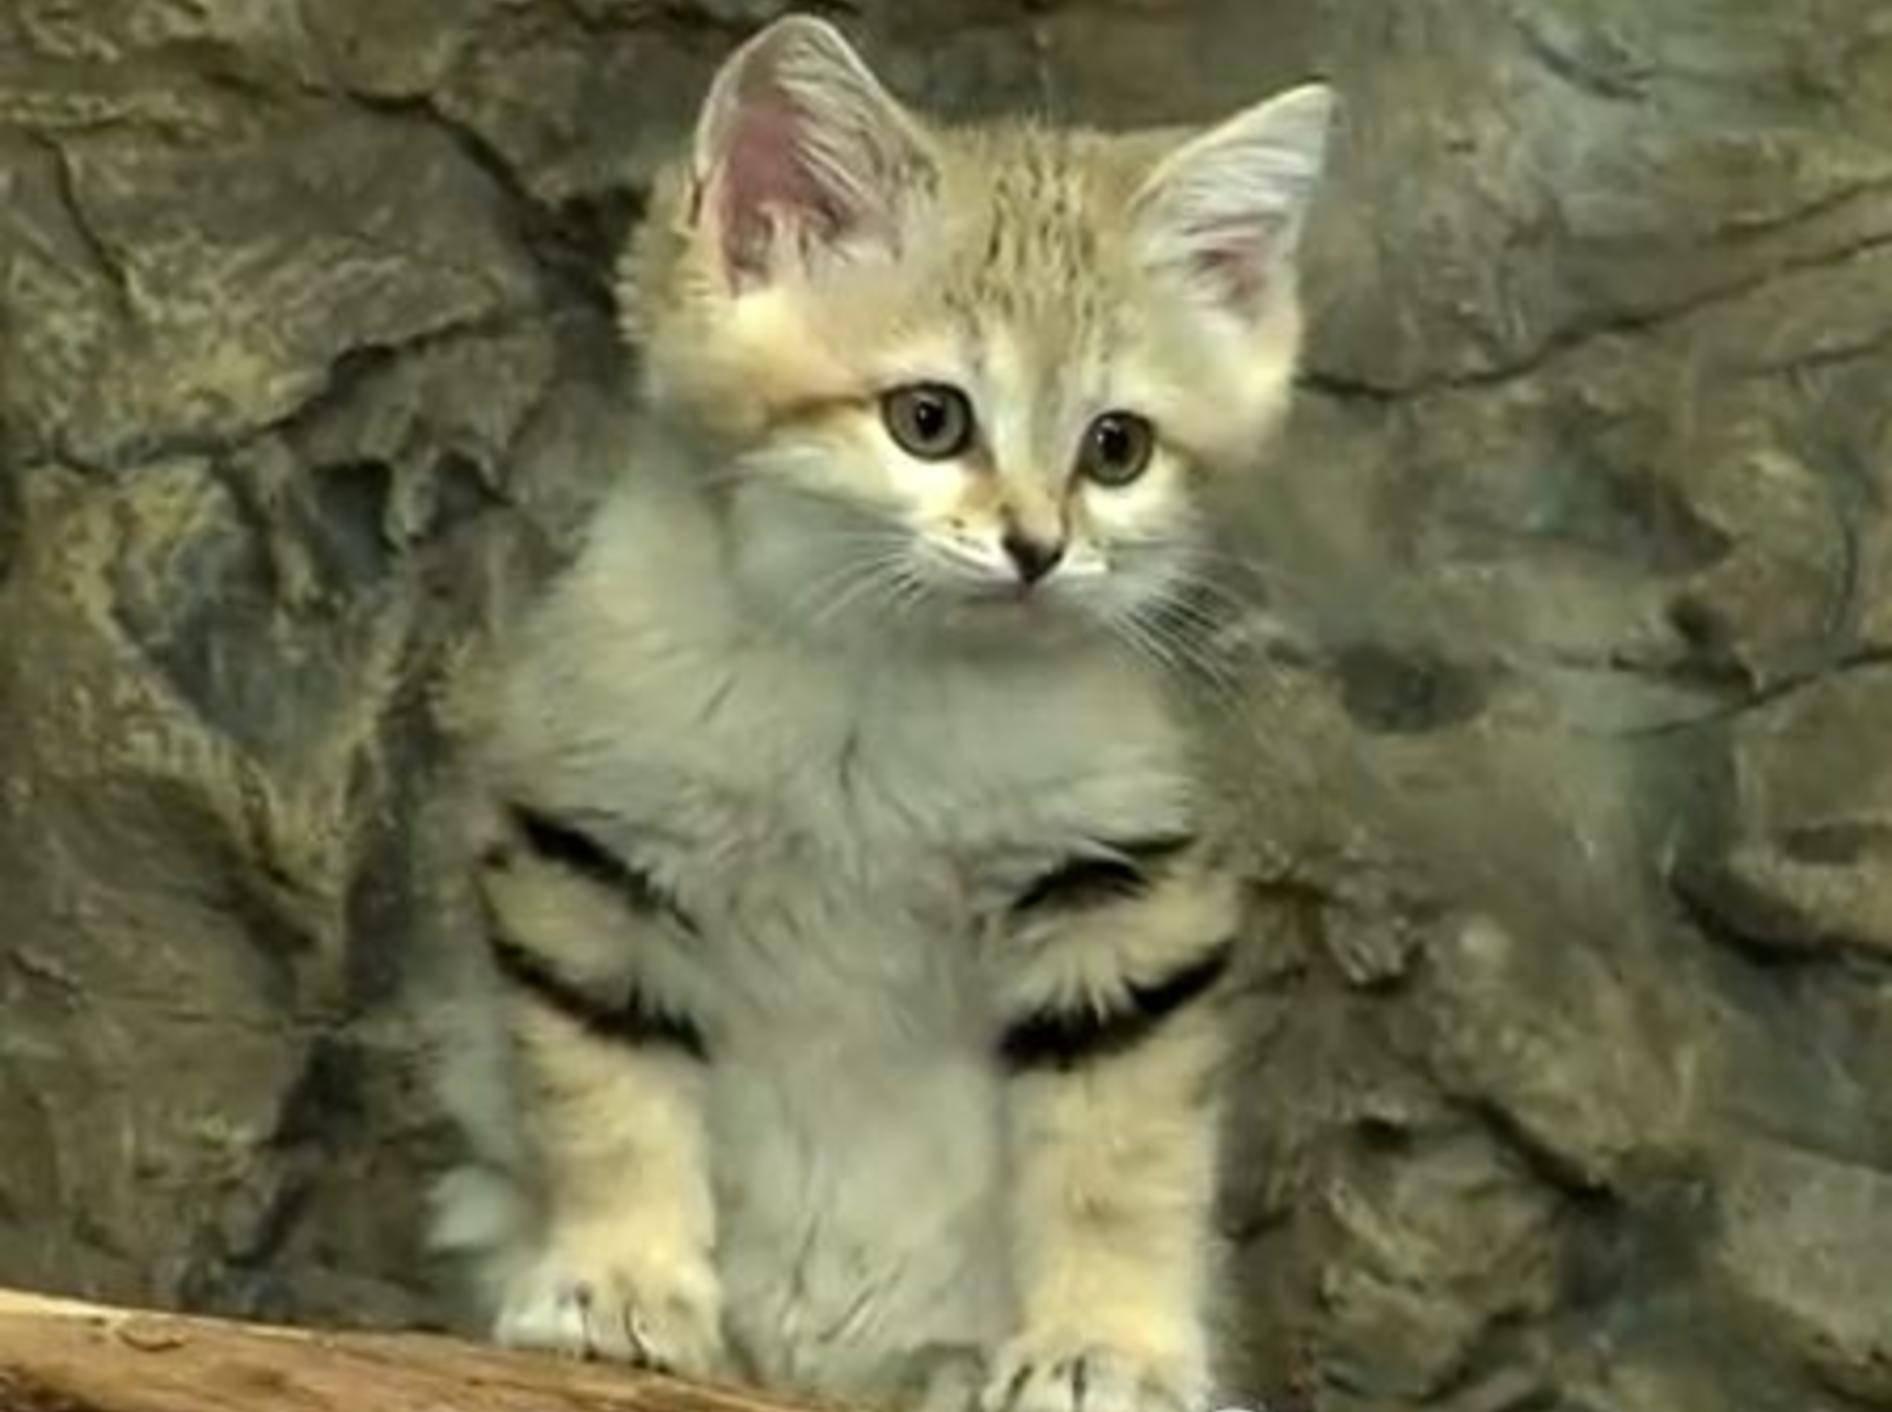 Sandkatze auf Tour: Wild- oder Hauskatze? – Bild: Youtube / The Cincinnati Zoo & Botanical Garden